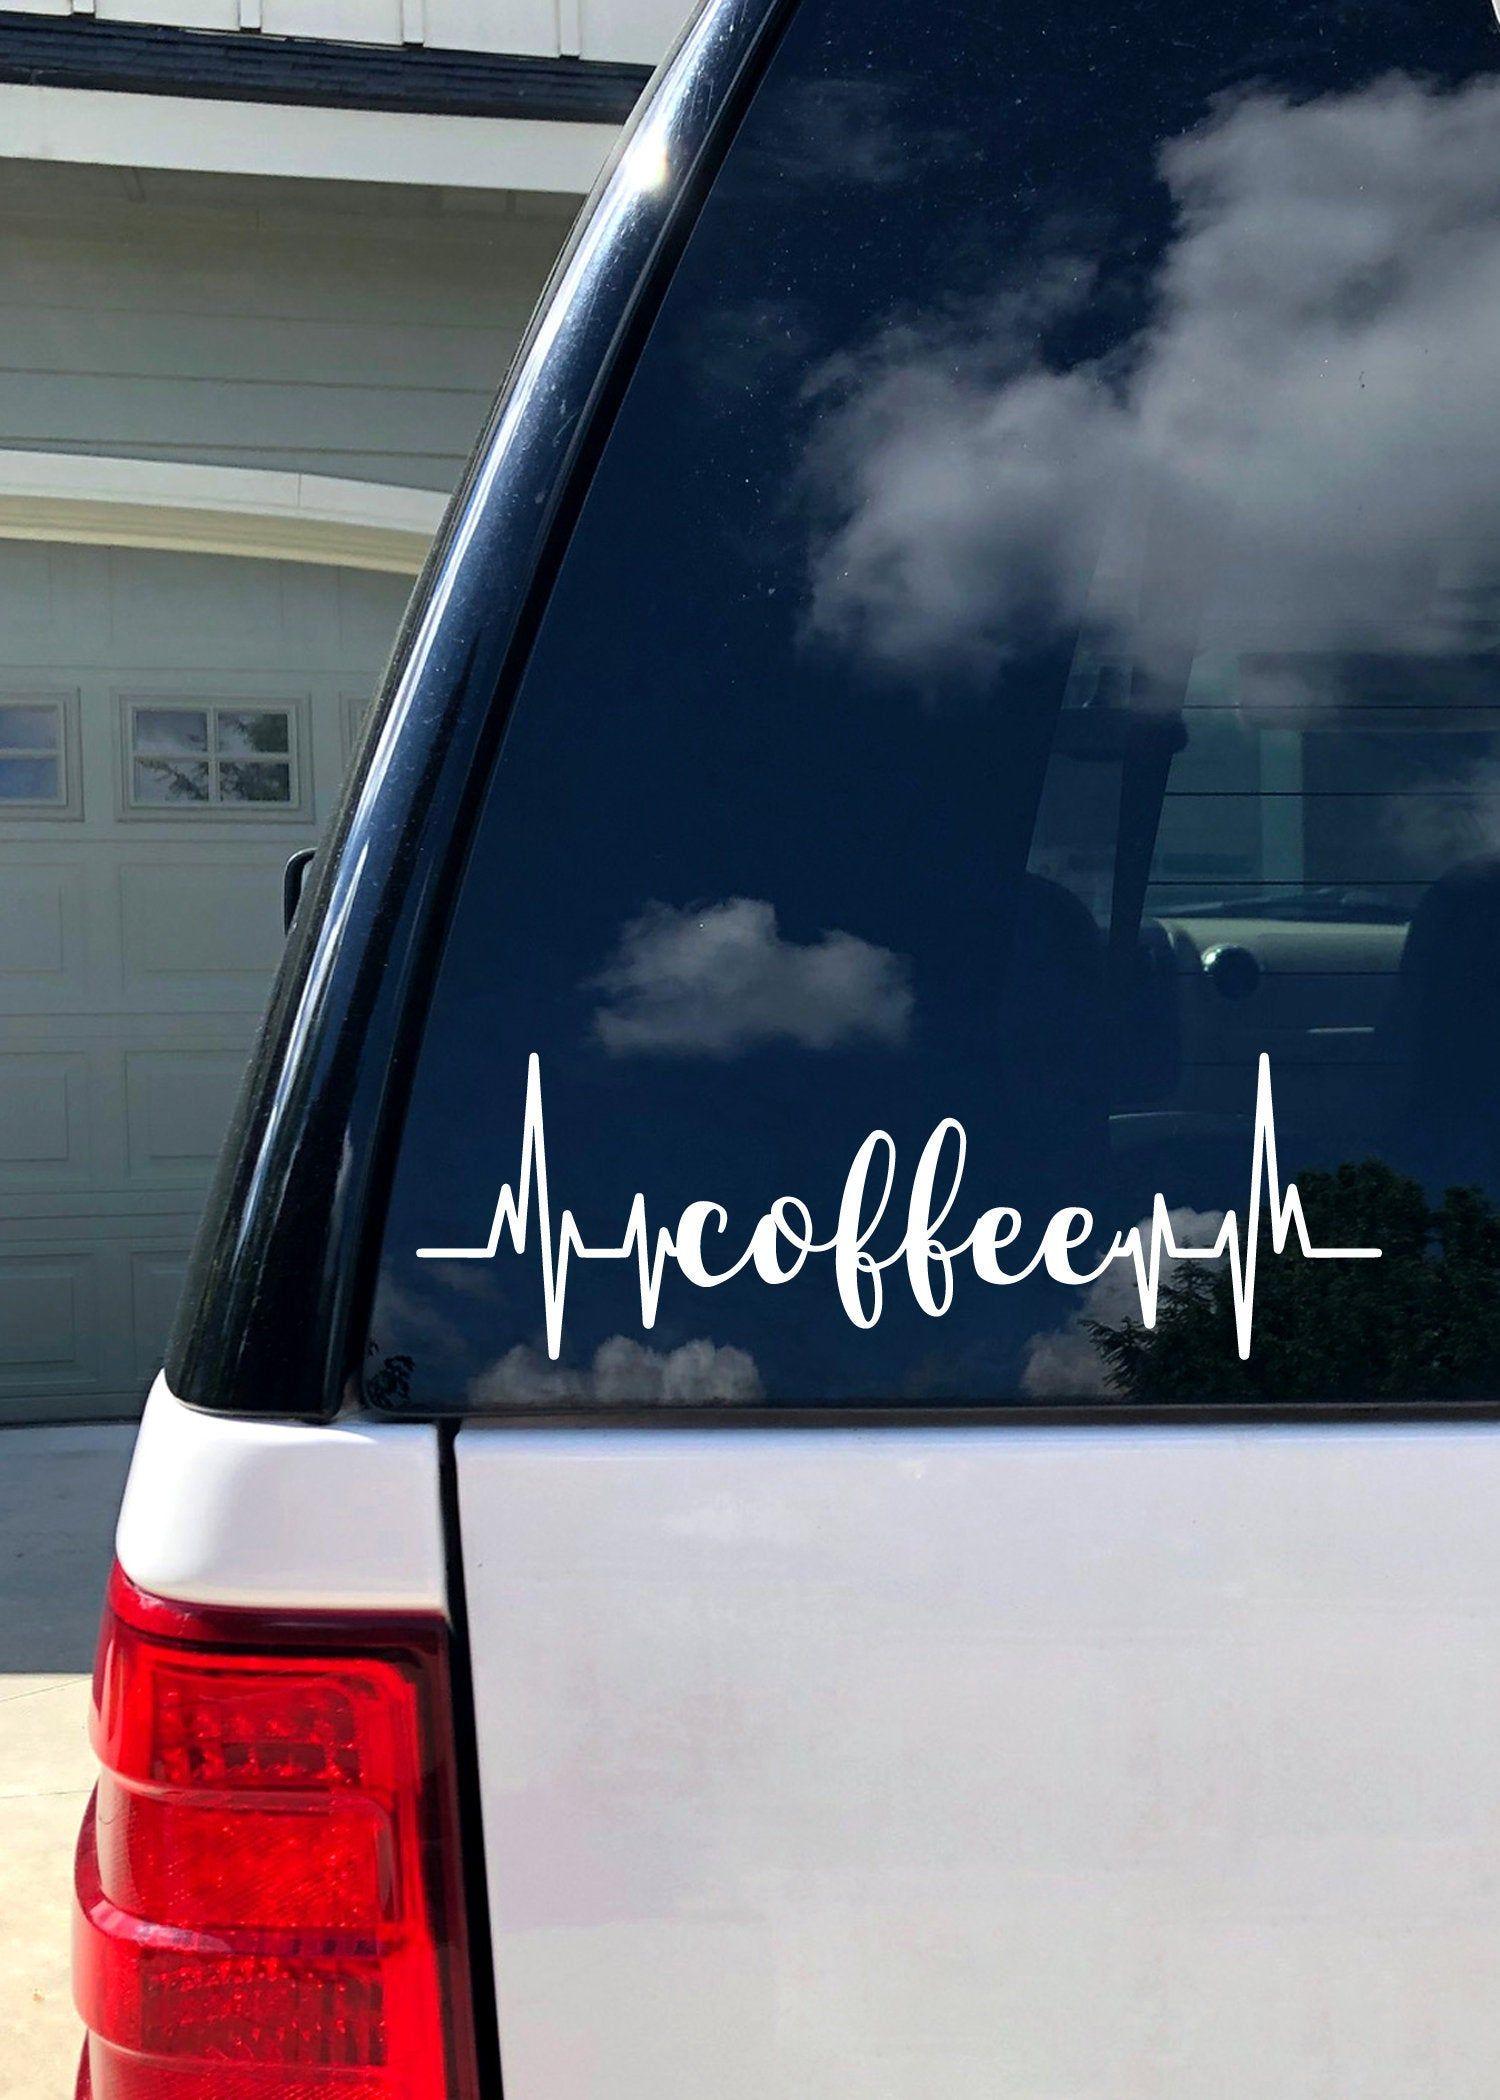 Car Decal Coffee Vinyl Decal Car Accessories Car Sticker Bumper Sticker Window Decal By Bebopandbug On Ets Car Decals Vinyl Car Decals Car Stickers [ jpg ]